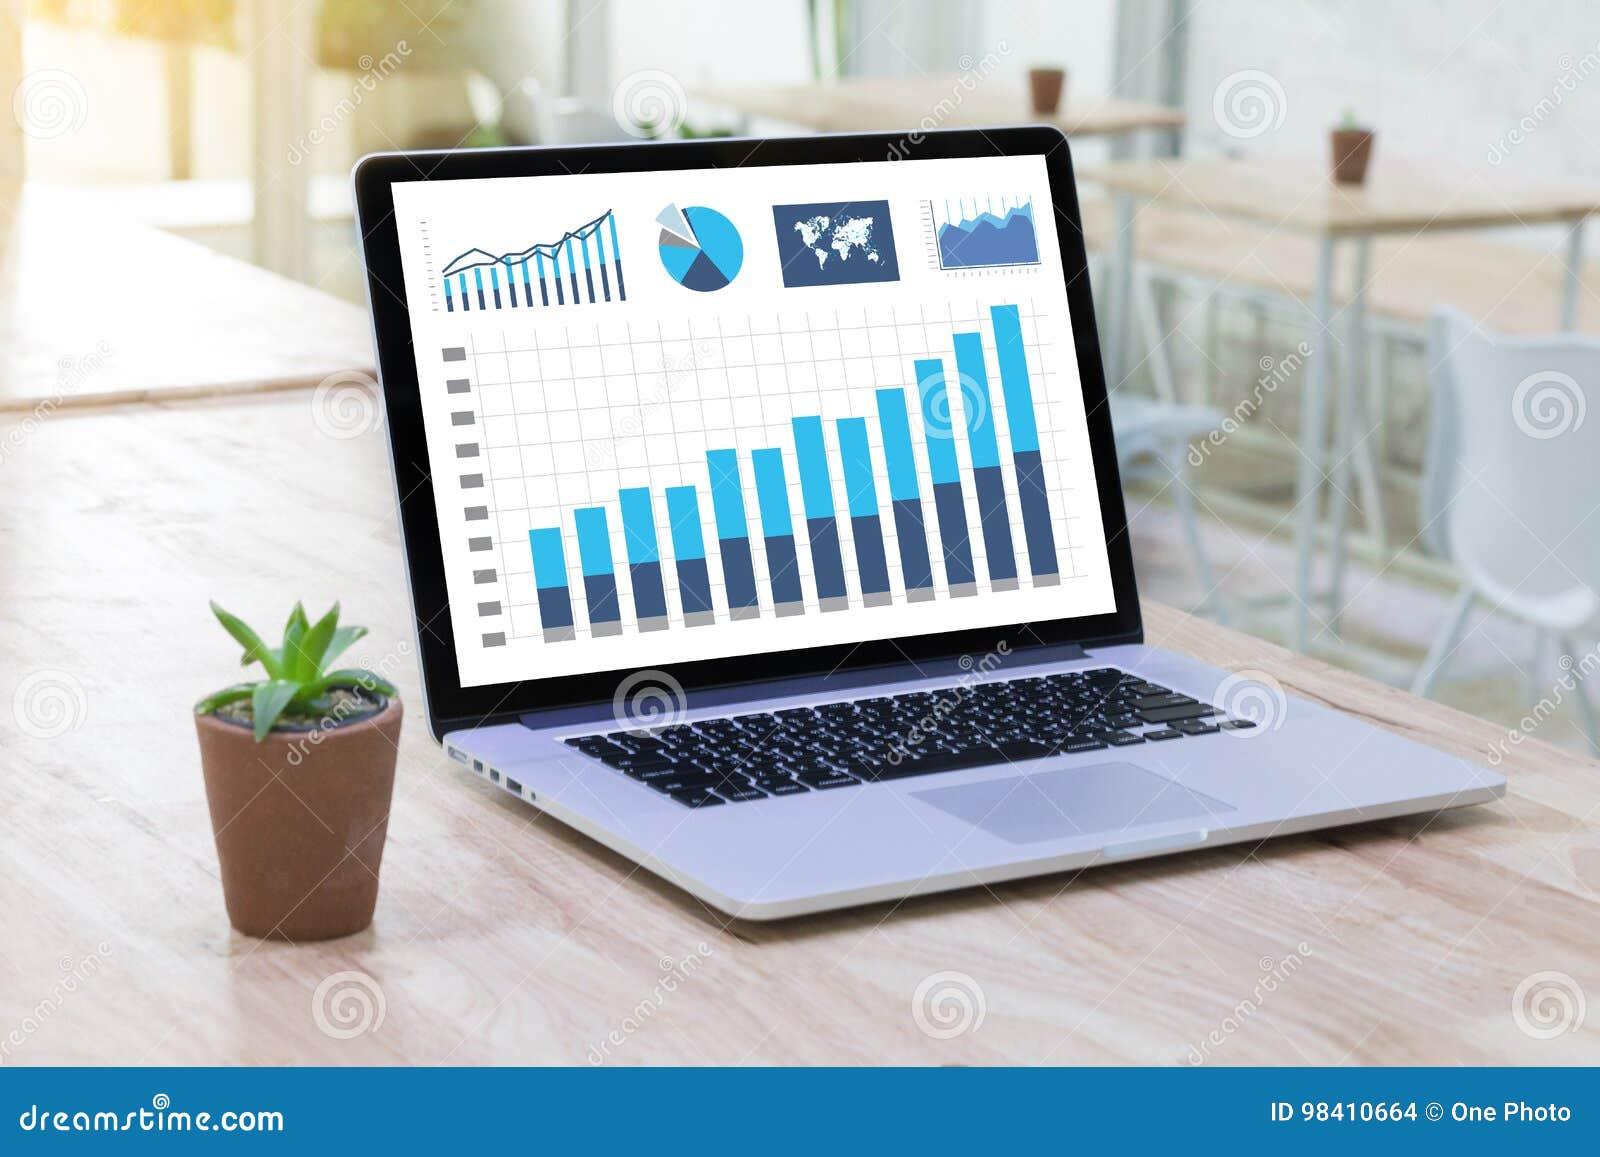 Analytics de données vérifiées de travail de personnes de technologie de renseignements commerciaux